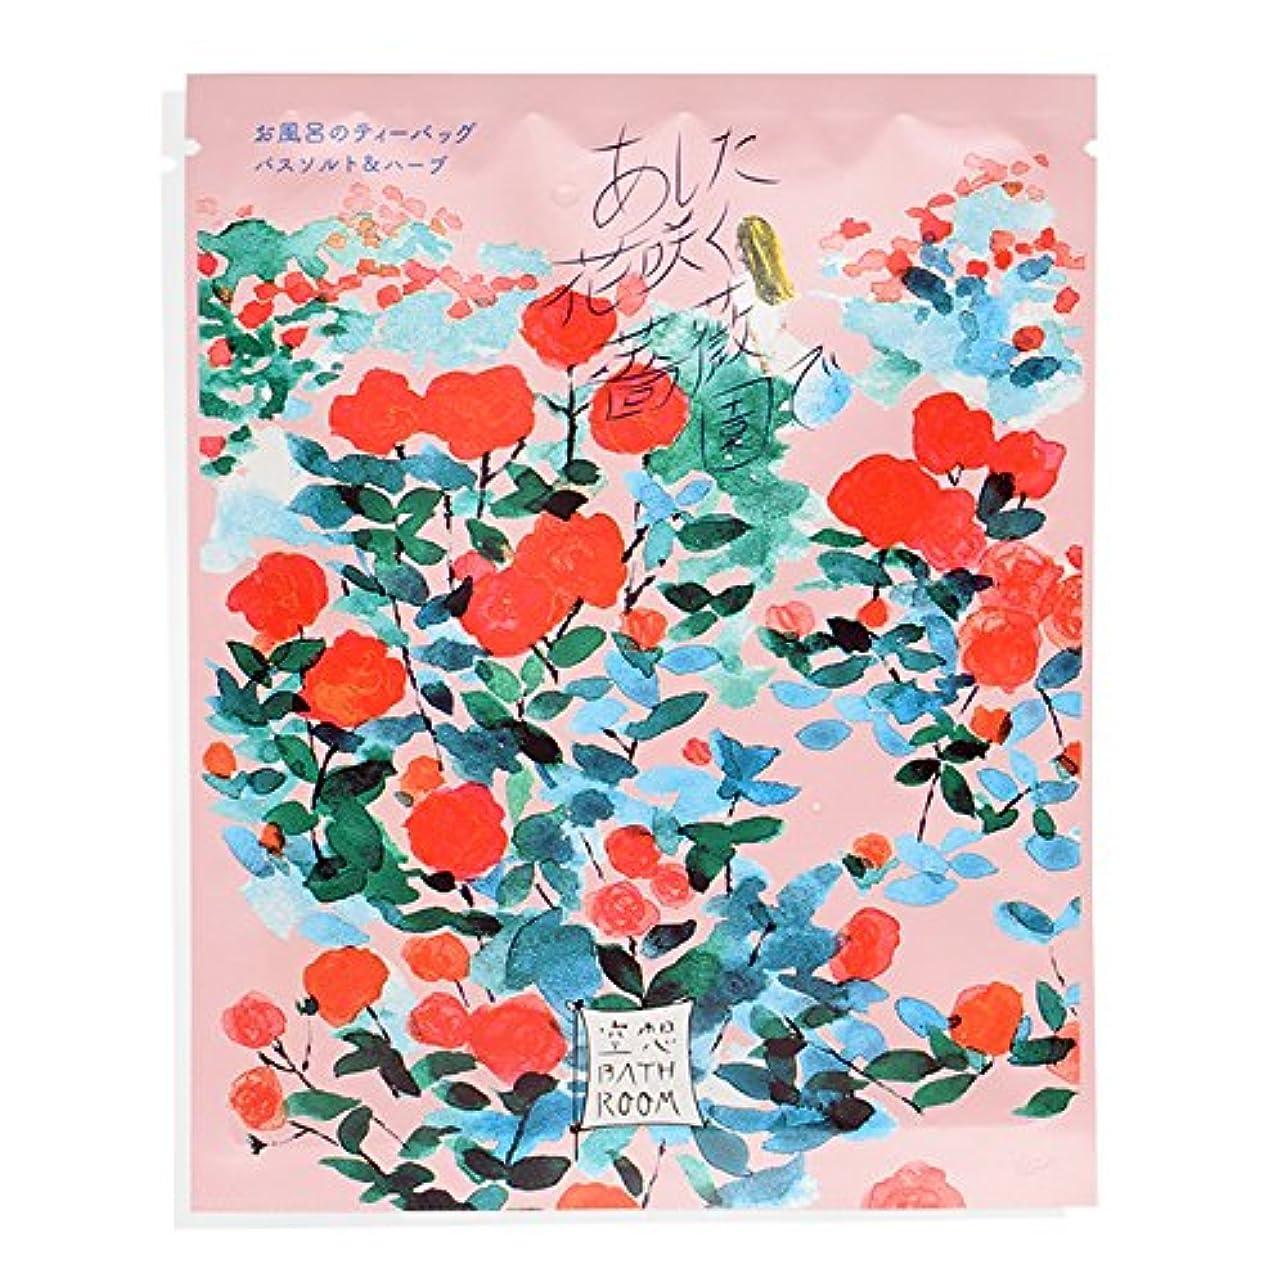 構造的終わり火山学チャーリー 空想バスルーム あした花咲く薔薇園で 30g